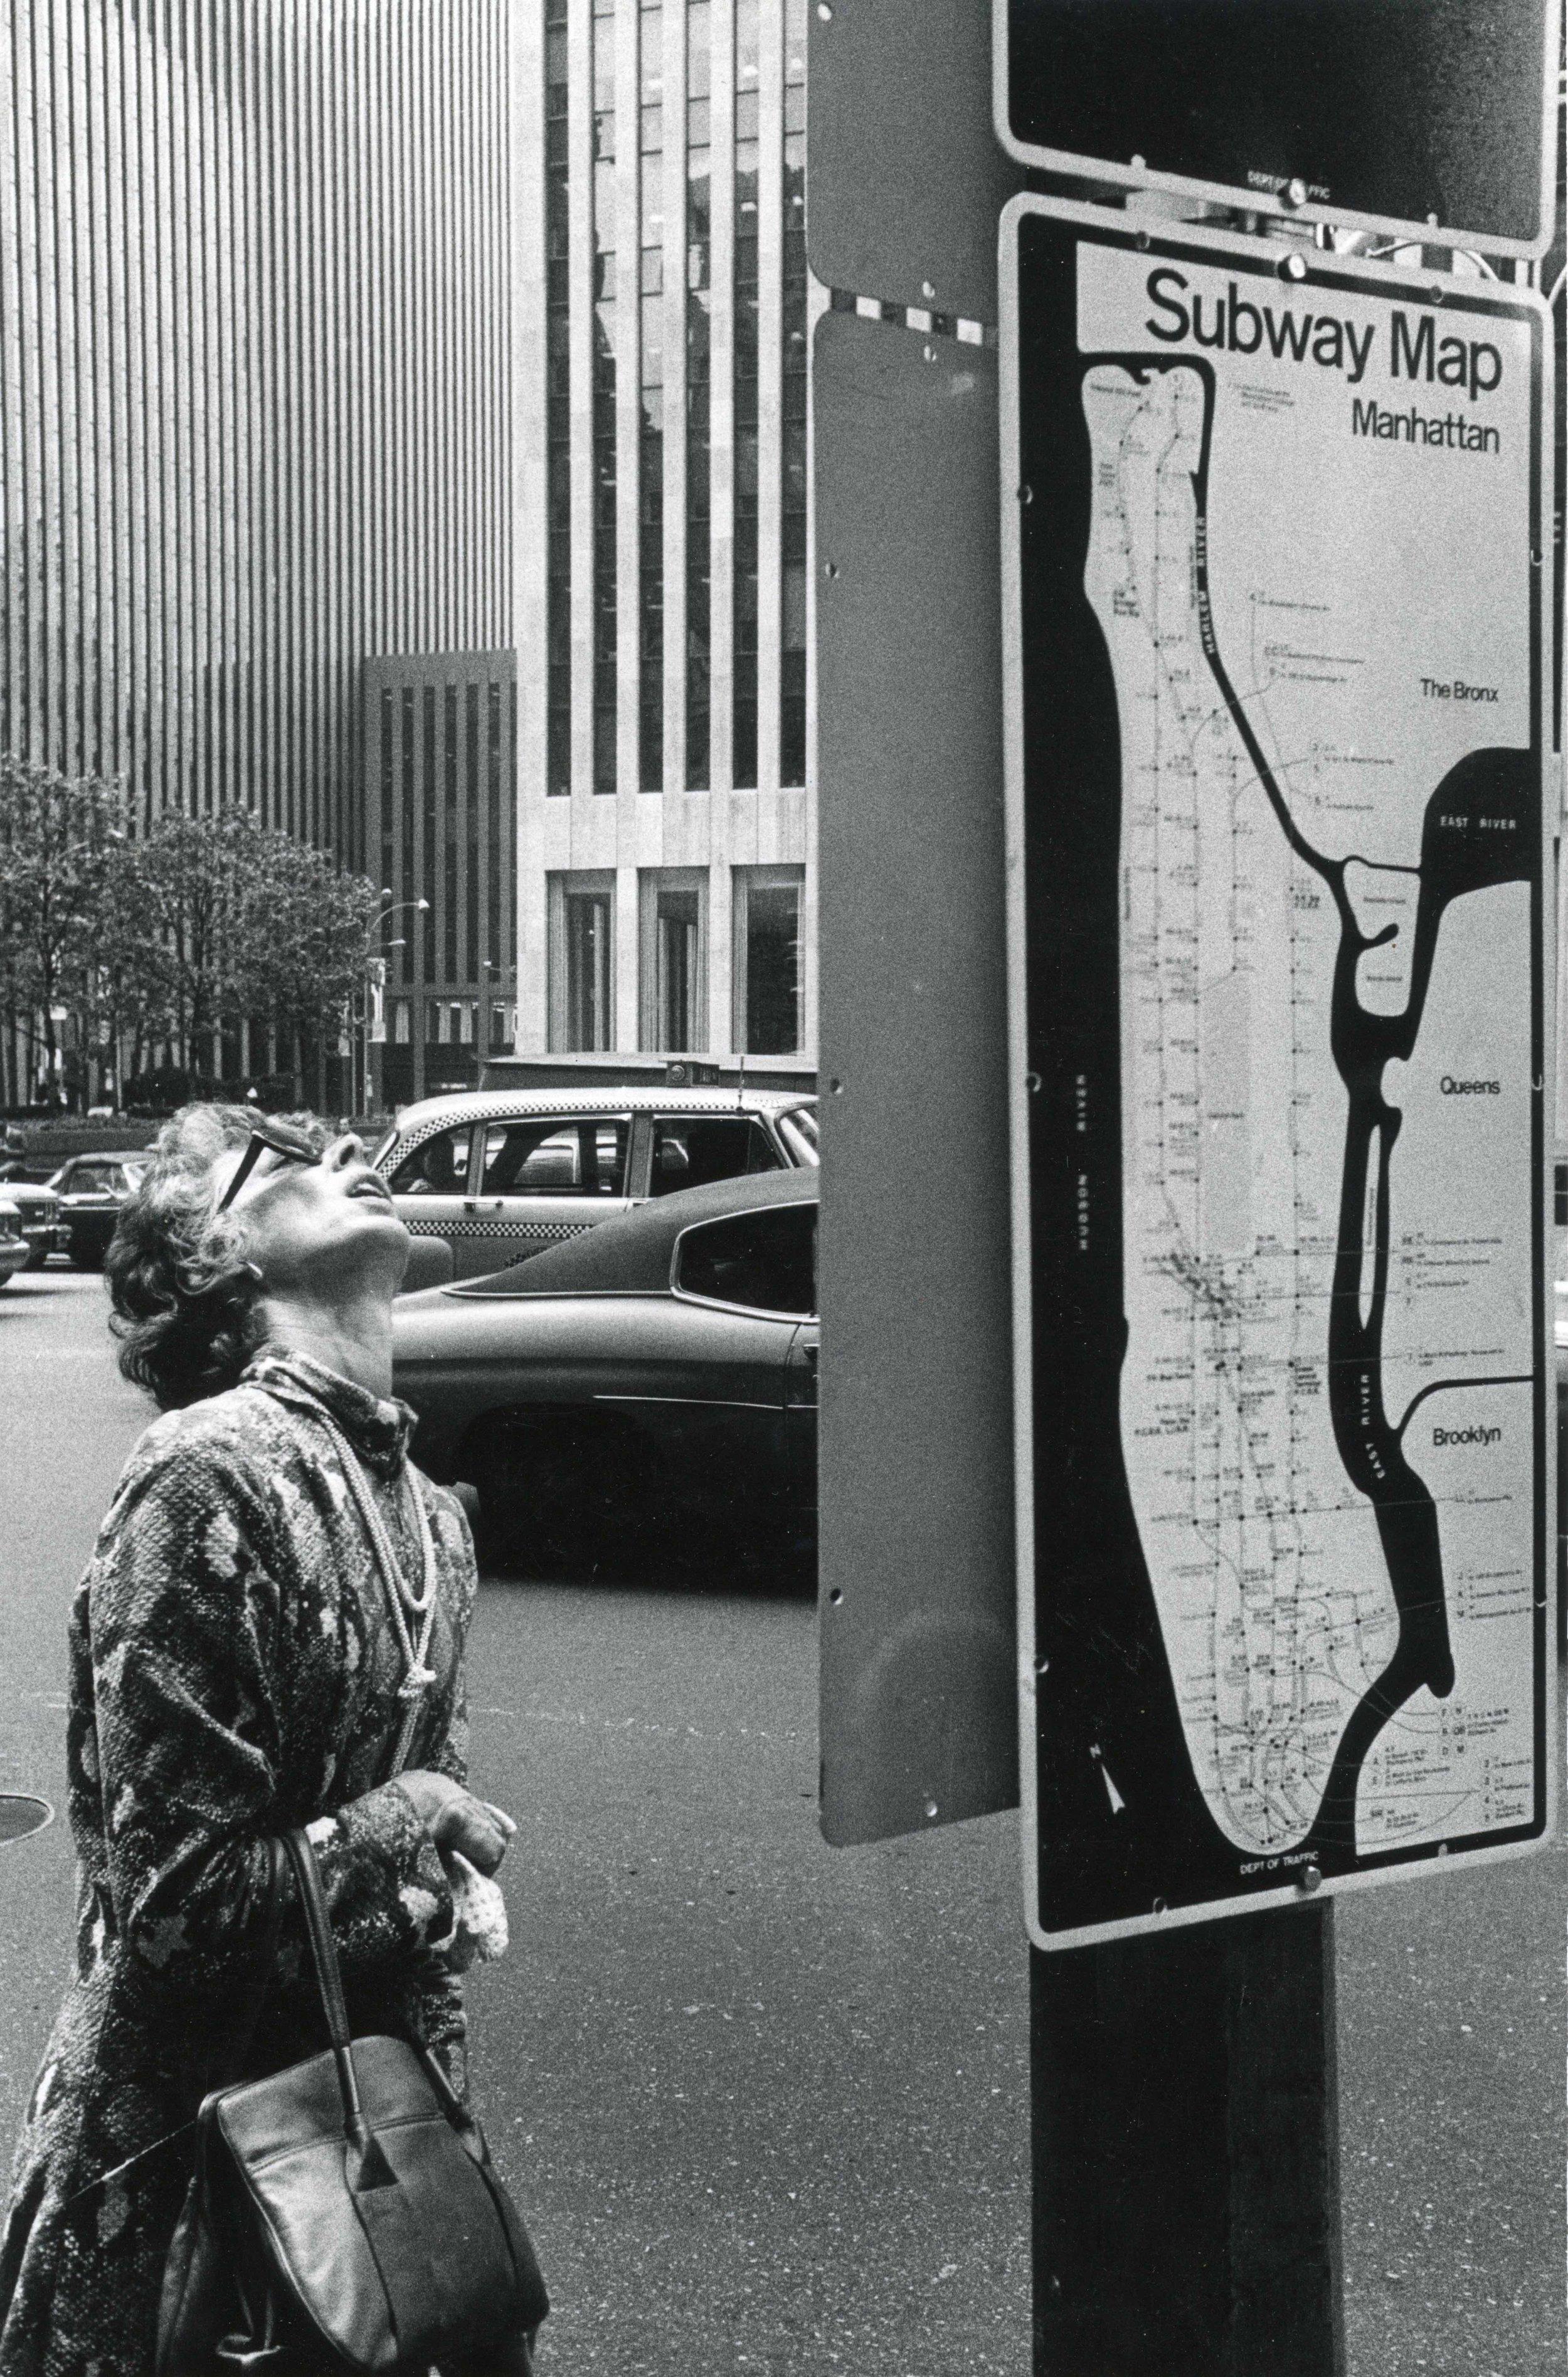 Subway Map 1976